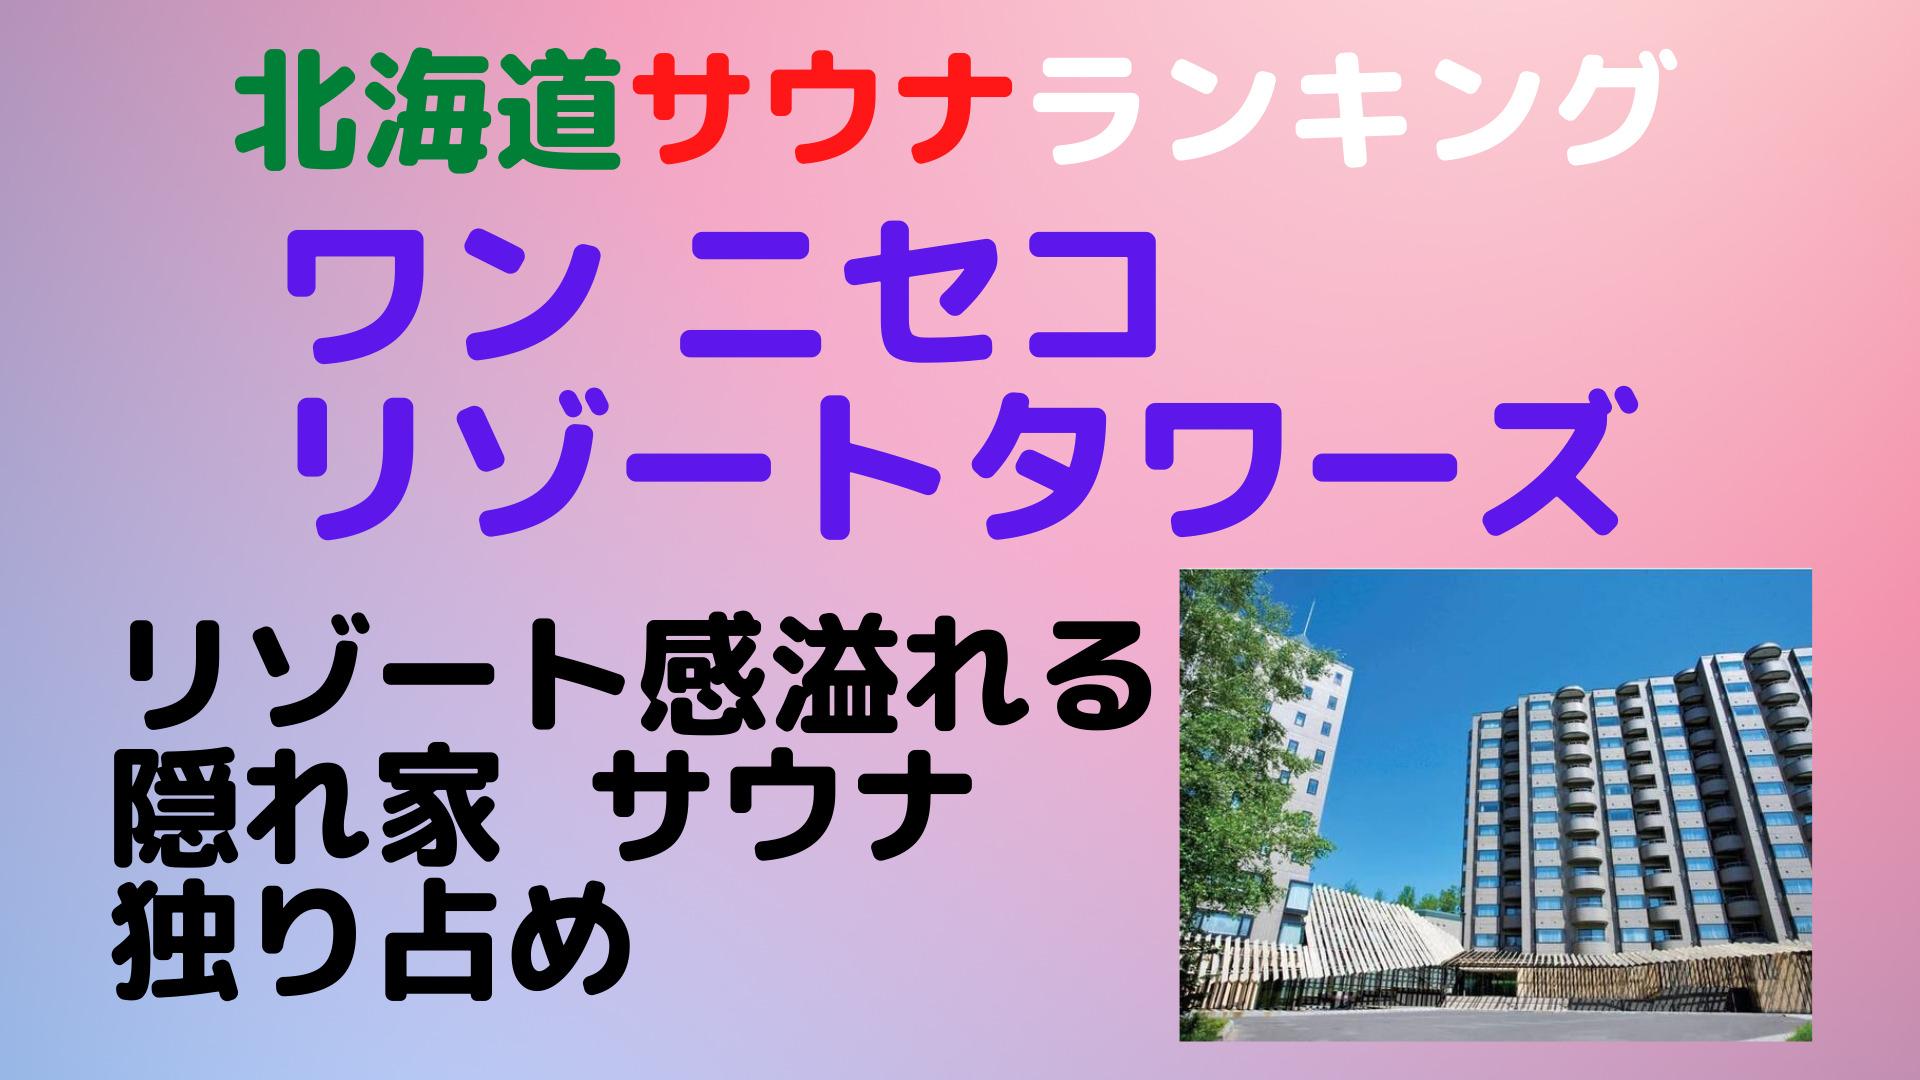 ワン ニセコ リゾートタワーズ